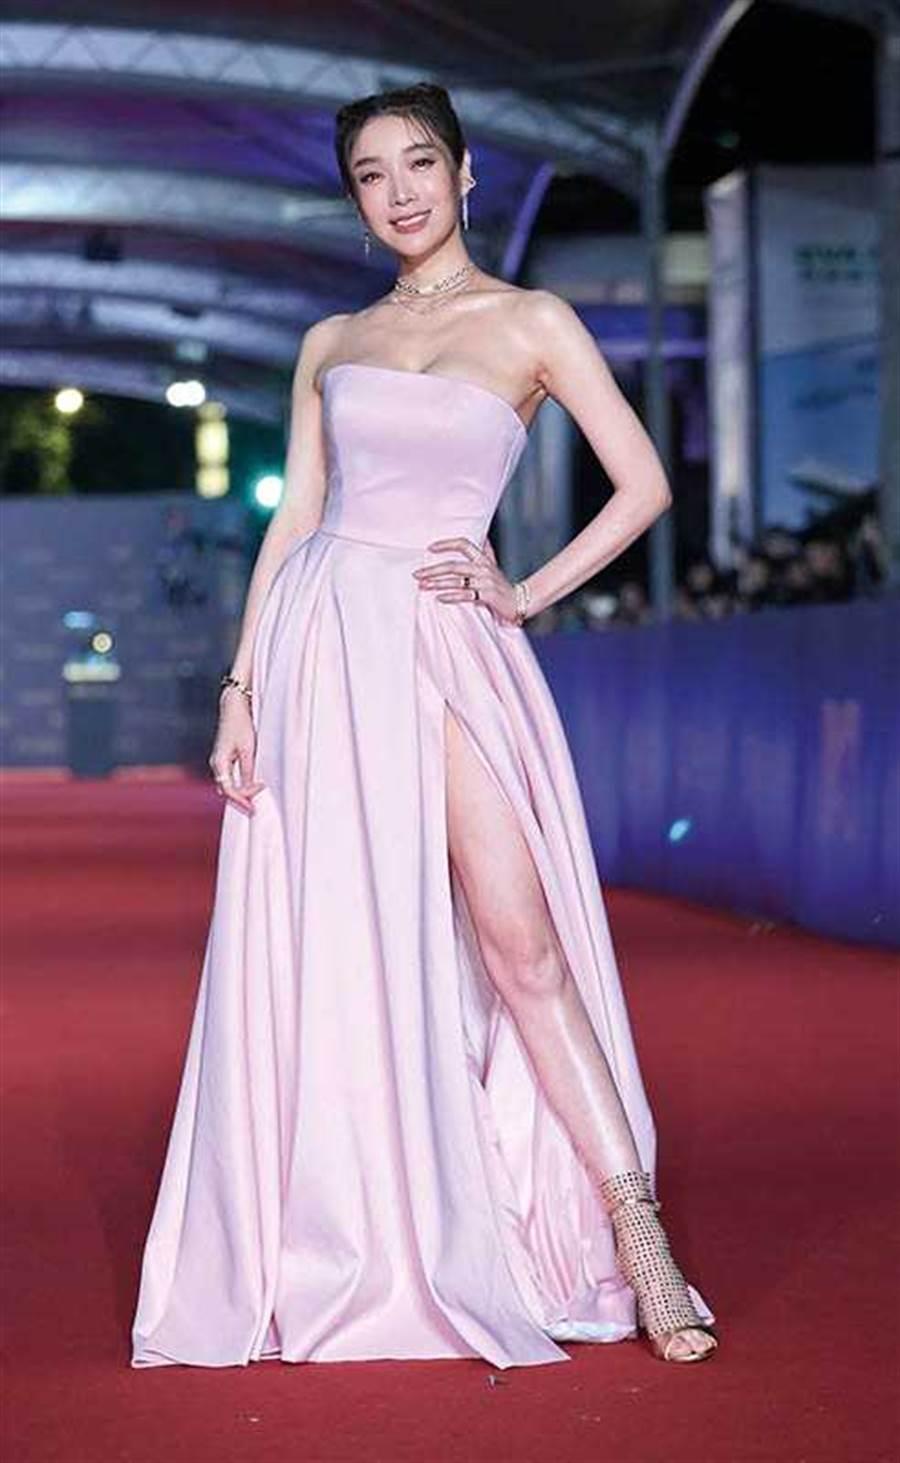 2003年蔡淑臻開始走出模特兒圈接拍戲劇,三度入圍金鐘獎,演技獲得肯定。(圖/報系資料庫)